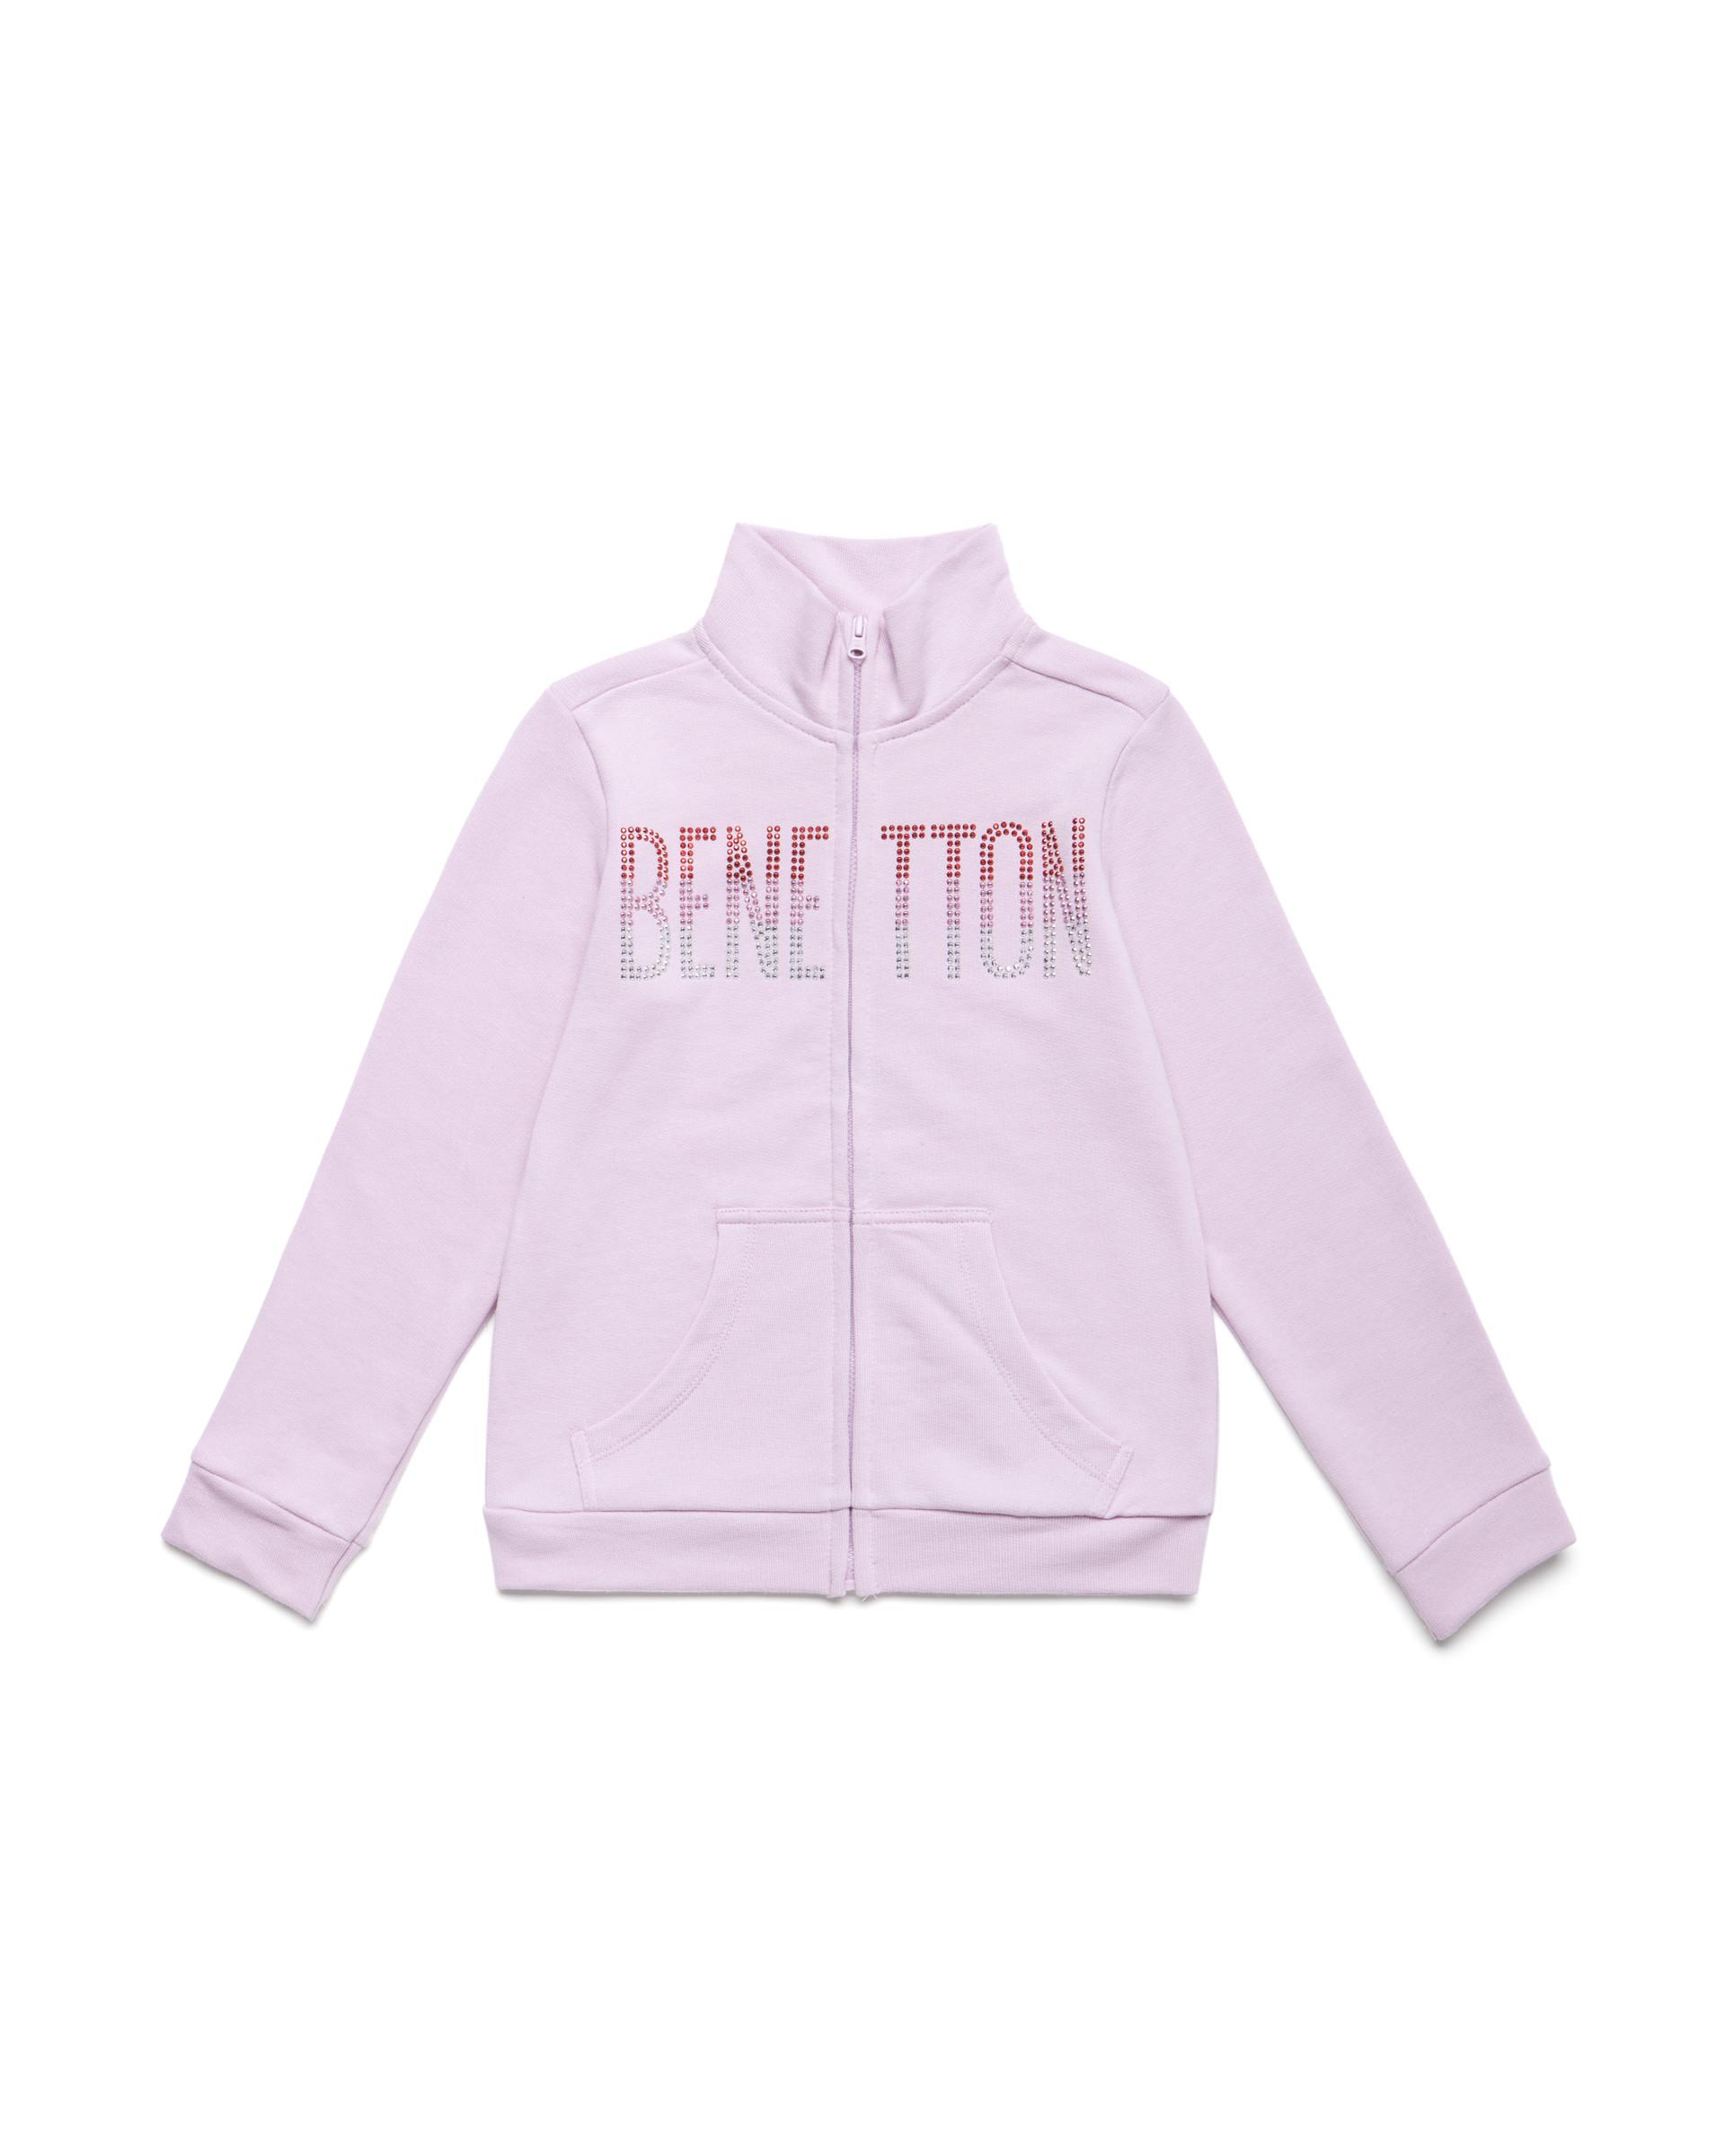 Купить 20P_3J68C5793_07M, Толстовка для девочек Benetton 3J68C5793_07M р-р 140, United Colors of Benetton, Толстовки для девочек